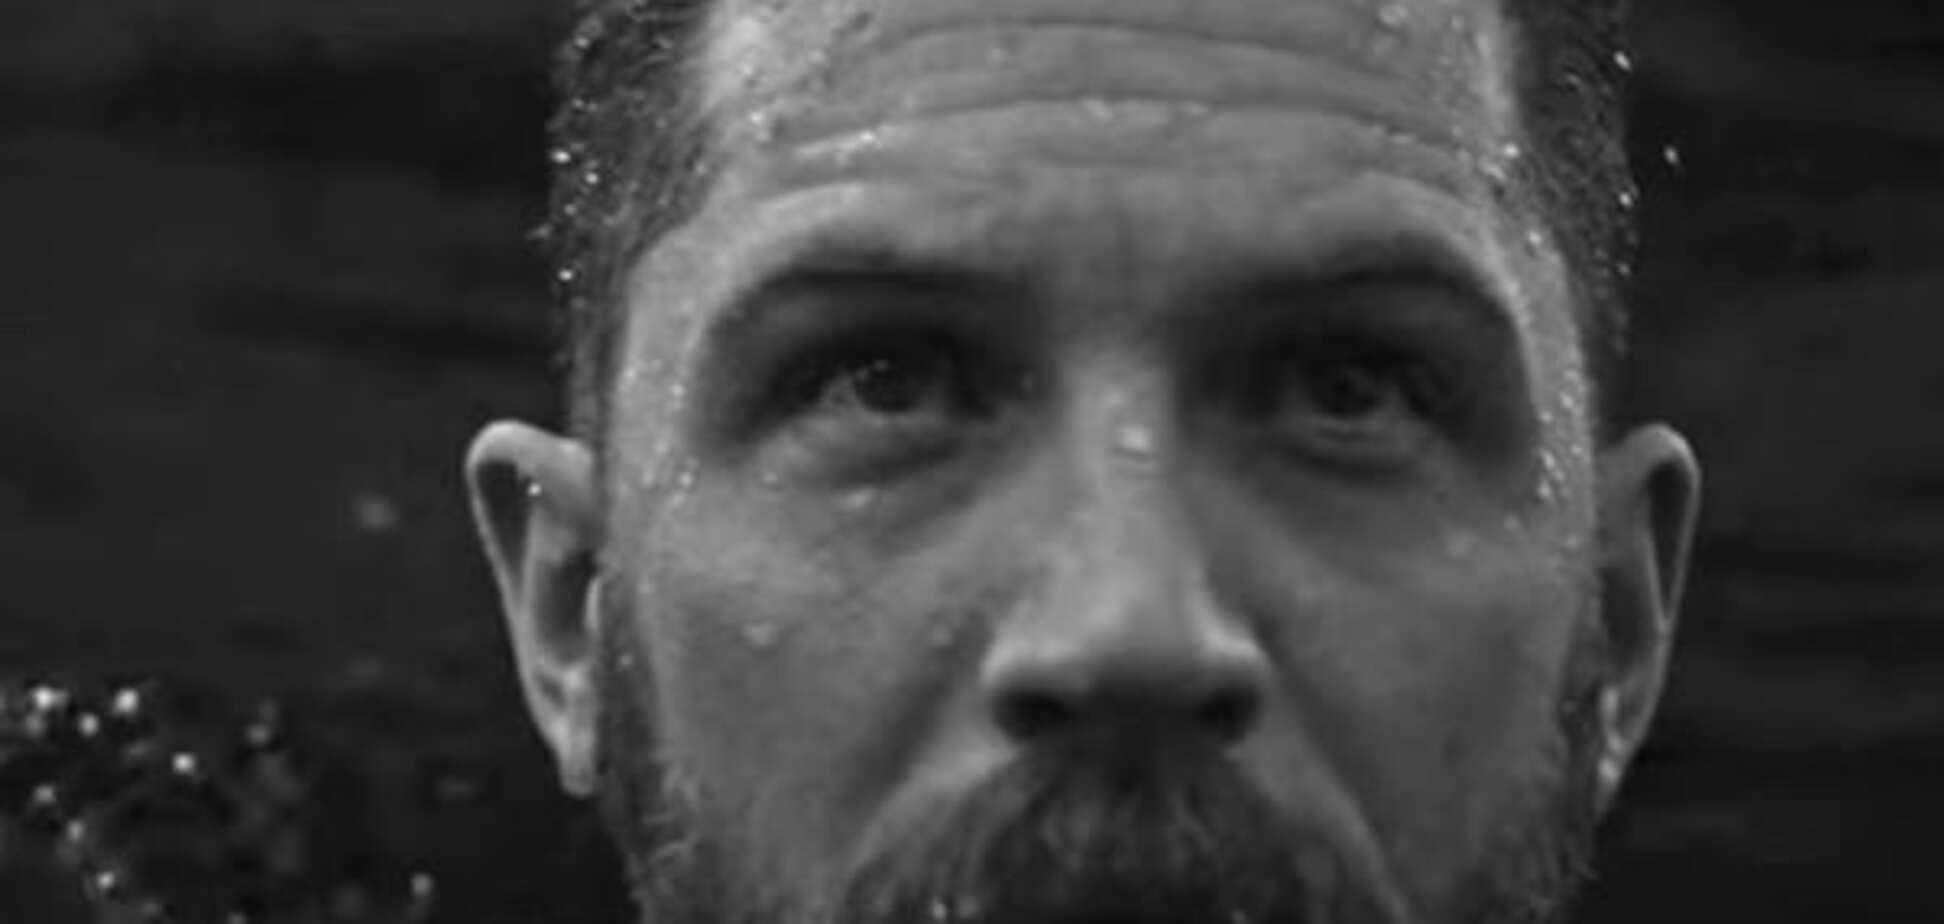 Том Харди спрыгнул с опаснейшей скалы Великобритании: опубликовано видео